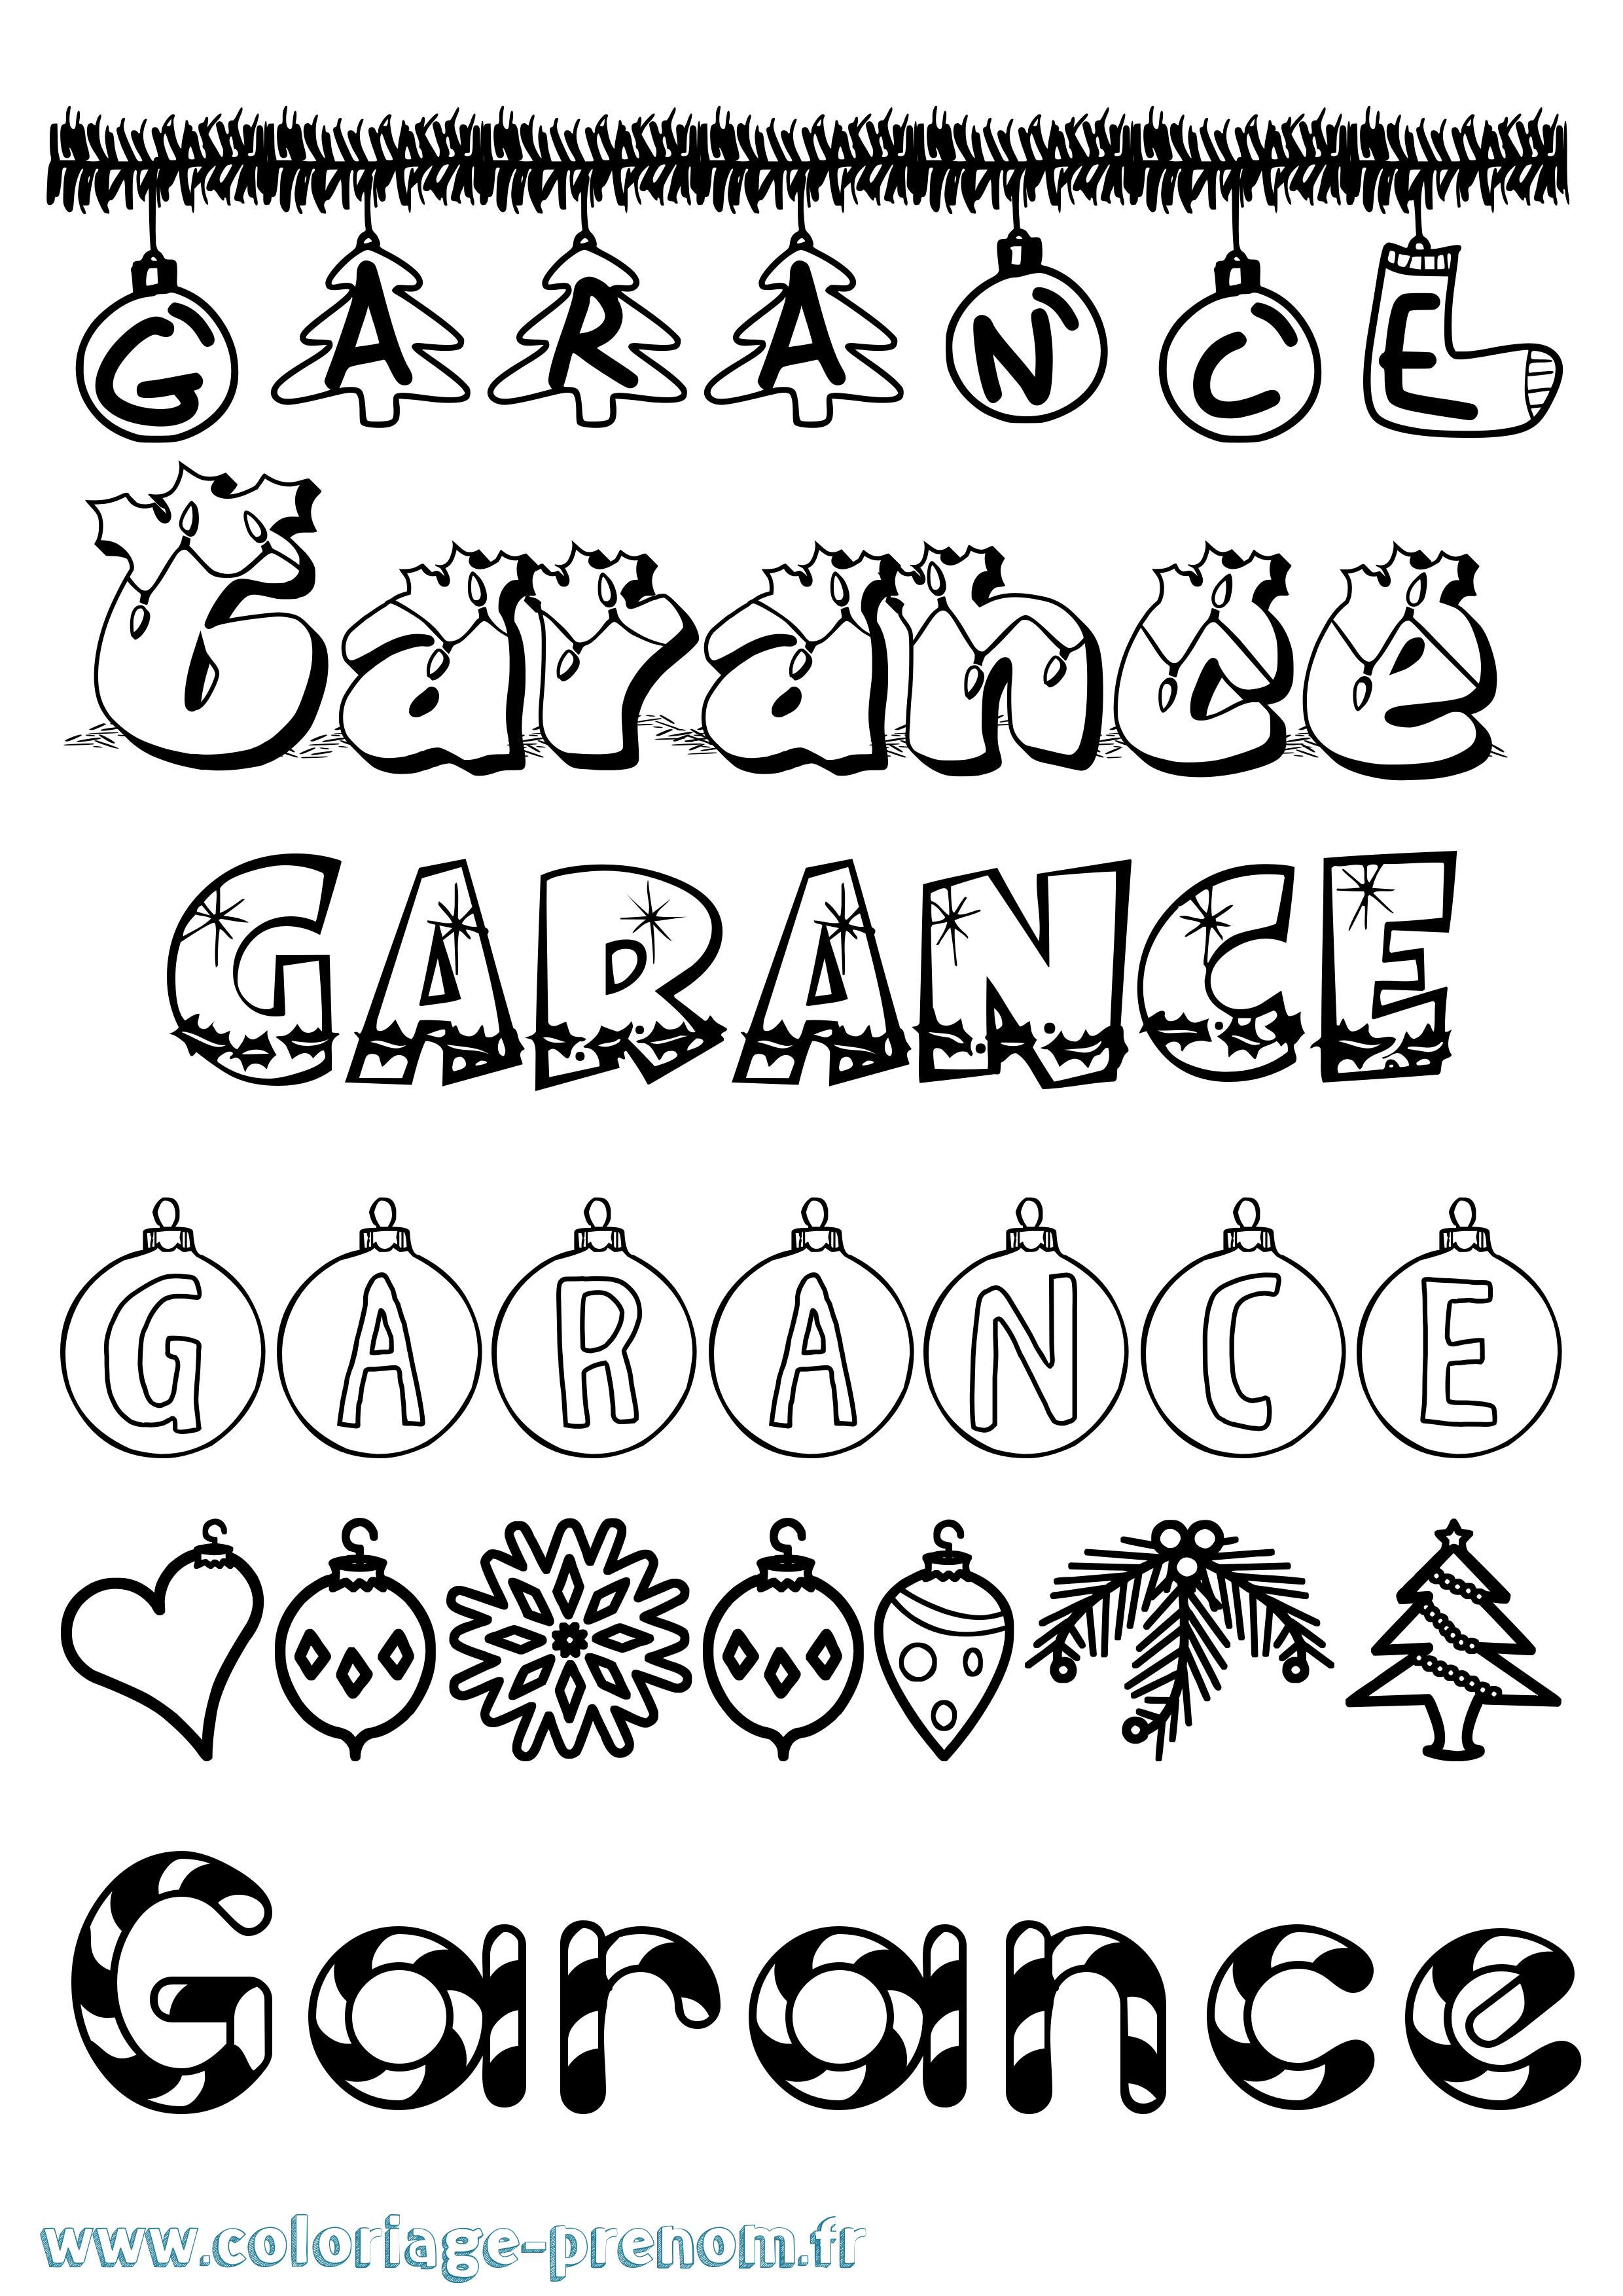 Coloriage du pr nom garance imprimer ou t l charger facilement - Garance prenom ...